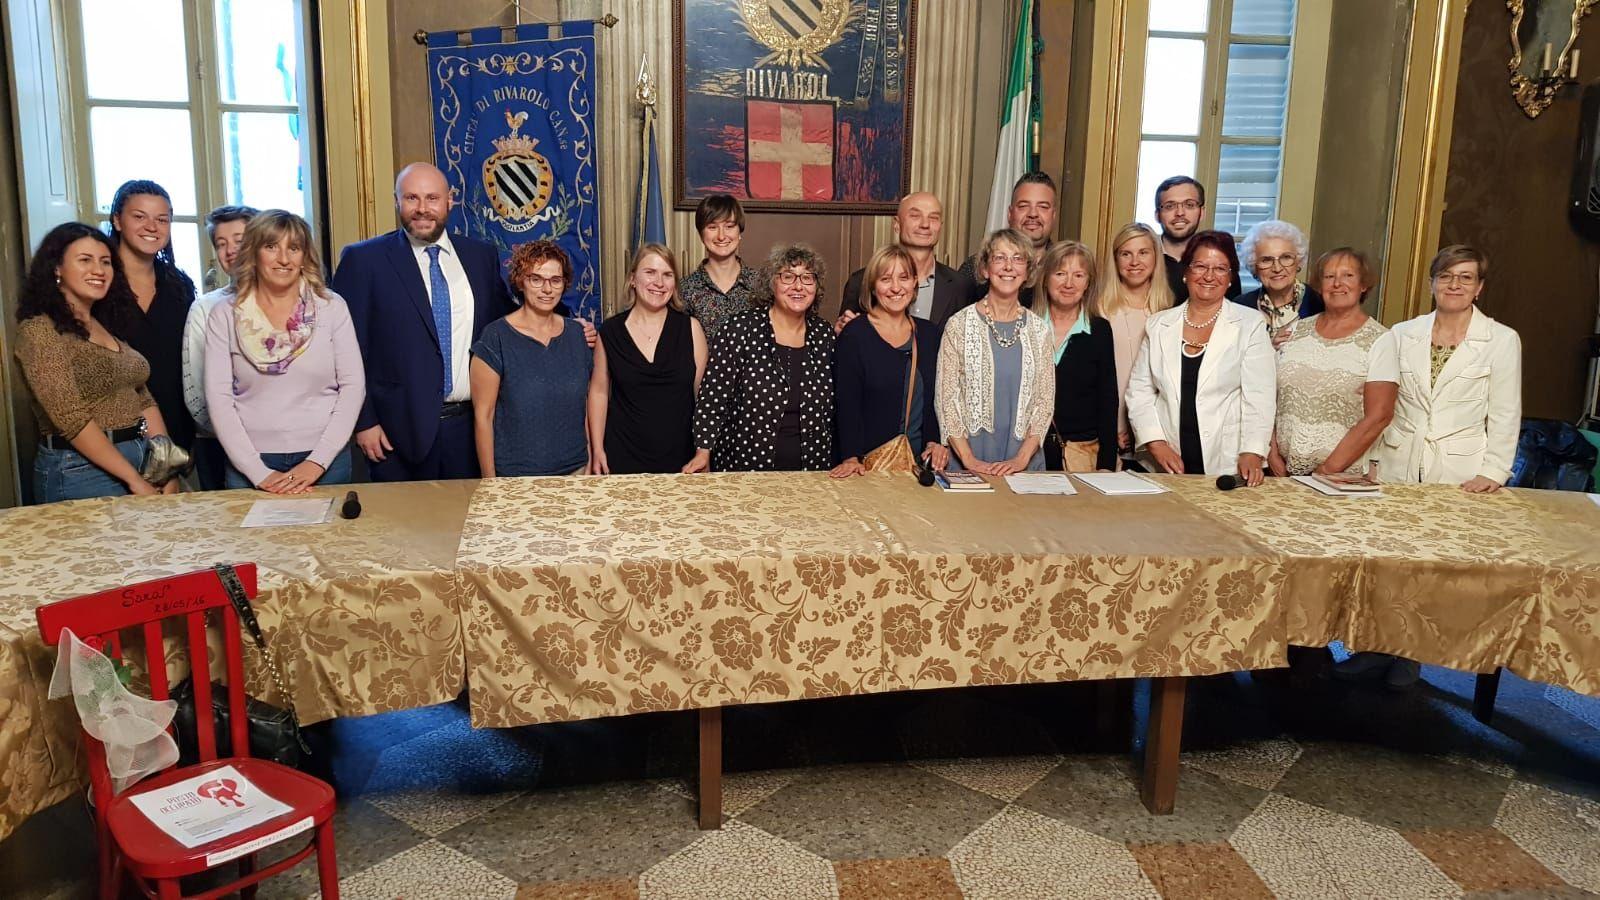 RIVAROLO - E' nata ufficialmente la «Banca del Tempo del Canavese»